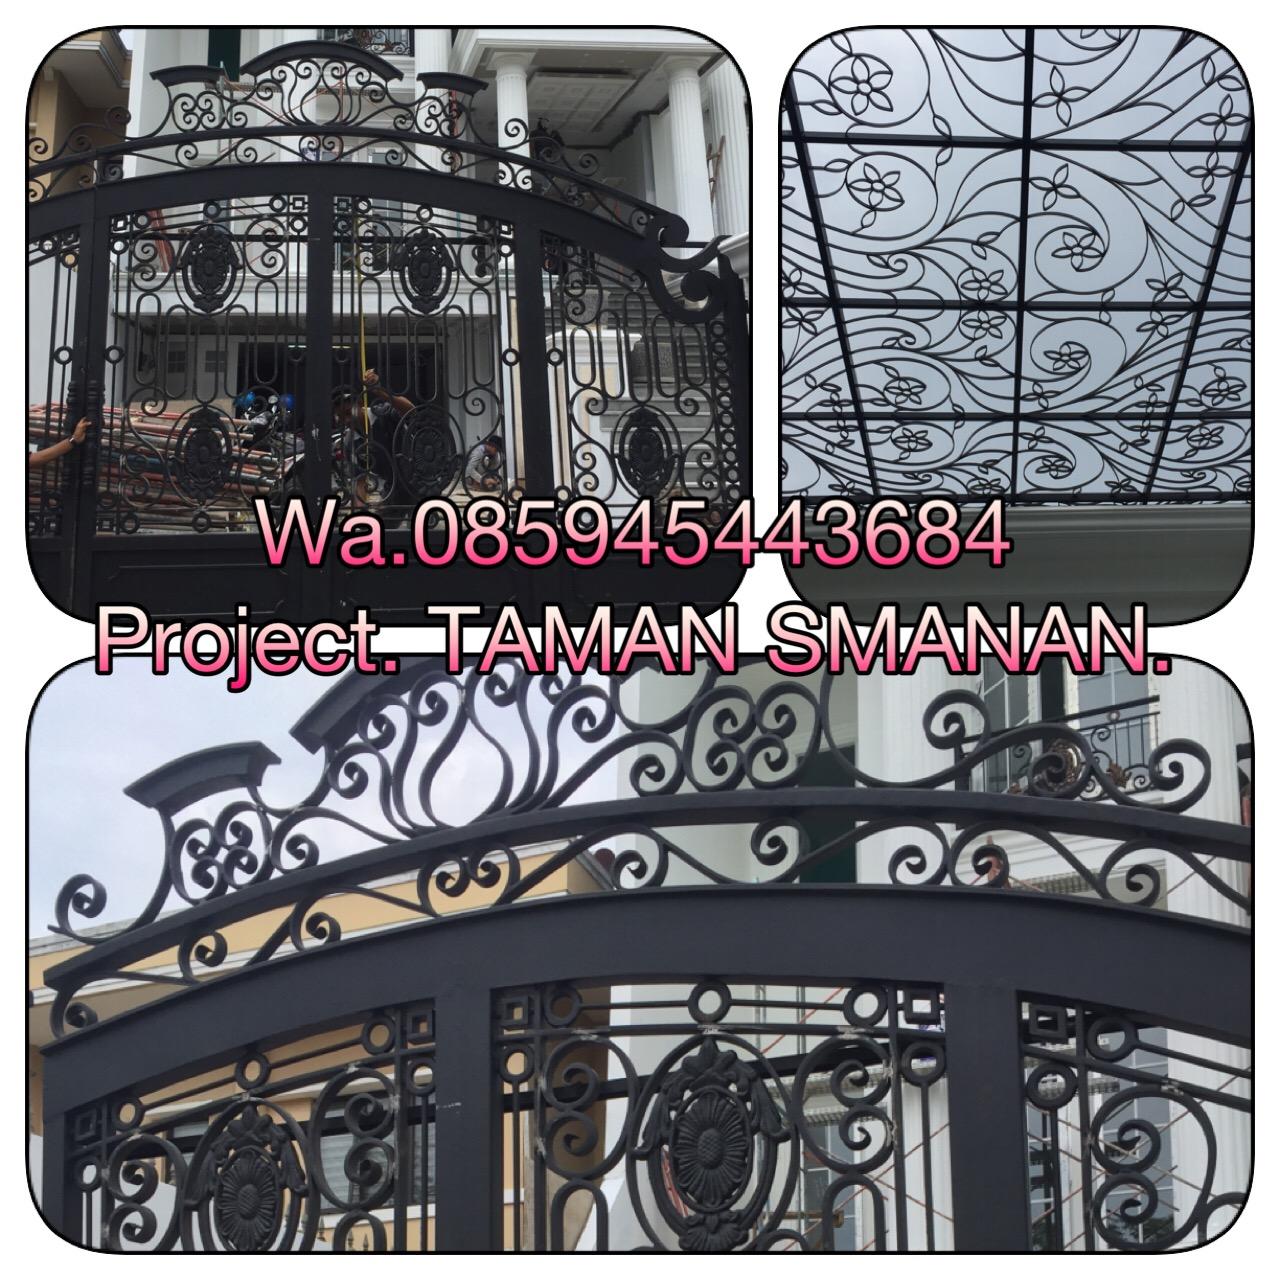 CENTRAL JAVA ART, wa.085945443684 Pinbb 54ecb664 Tlpn.087878252728 xl /085329003383 telkomsel. http://ornamenalluminium.blogspot.com/ #Spesialis#Besi#besitempa#besitempaKlasik#besitempaalferrom#jualornamenbesitempa#jualasesoriesbesitempa#PagarKlasik#Pagarbesitempa#PagarbesitempaKlasik#hargabesitempa#hargaPagarbesitempa#jualasesorisalferrom#jualbesi#jualRoda#jualornamencenter#jualornamendaunbesitempa#jualekorantangga#jualornamentombak#jualringbulat#jualornamenjari-jaribesitempa#dauntempa#modelpagar#jualornamentempa#ornamenbesitempa#ornamentempa#ornamentralistempa#ornamenalferrom#ornamenalferron#ornamenpagartempa#hargaornamentempa#ornamenbesitempajakarta#ornamencoralluminium#ornamenbalkontempa#asesorisbesitempa#asesorispagartempa#distributorasesoristempa#jualasesoristempa#hargaasesoristempa# besi tempa, Pagar Klasik besi tempa,dengan Tenaga ahli yang mengerjakan. Mengutamakan Kwalitas juga kepuasan konsumen. Besi tempa, di desain dengan mengikuti perkembangan pen bangunan dan menyesuikan rumah2 Klasik.elagan, unik,inovatif,modern,